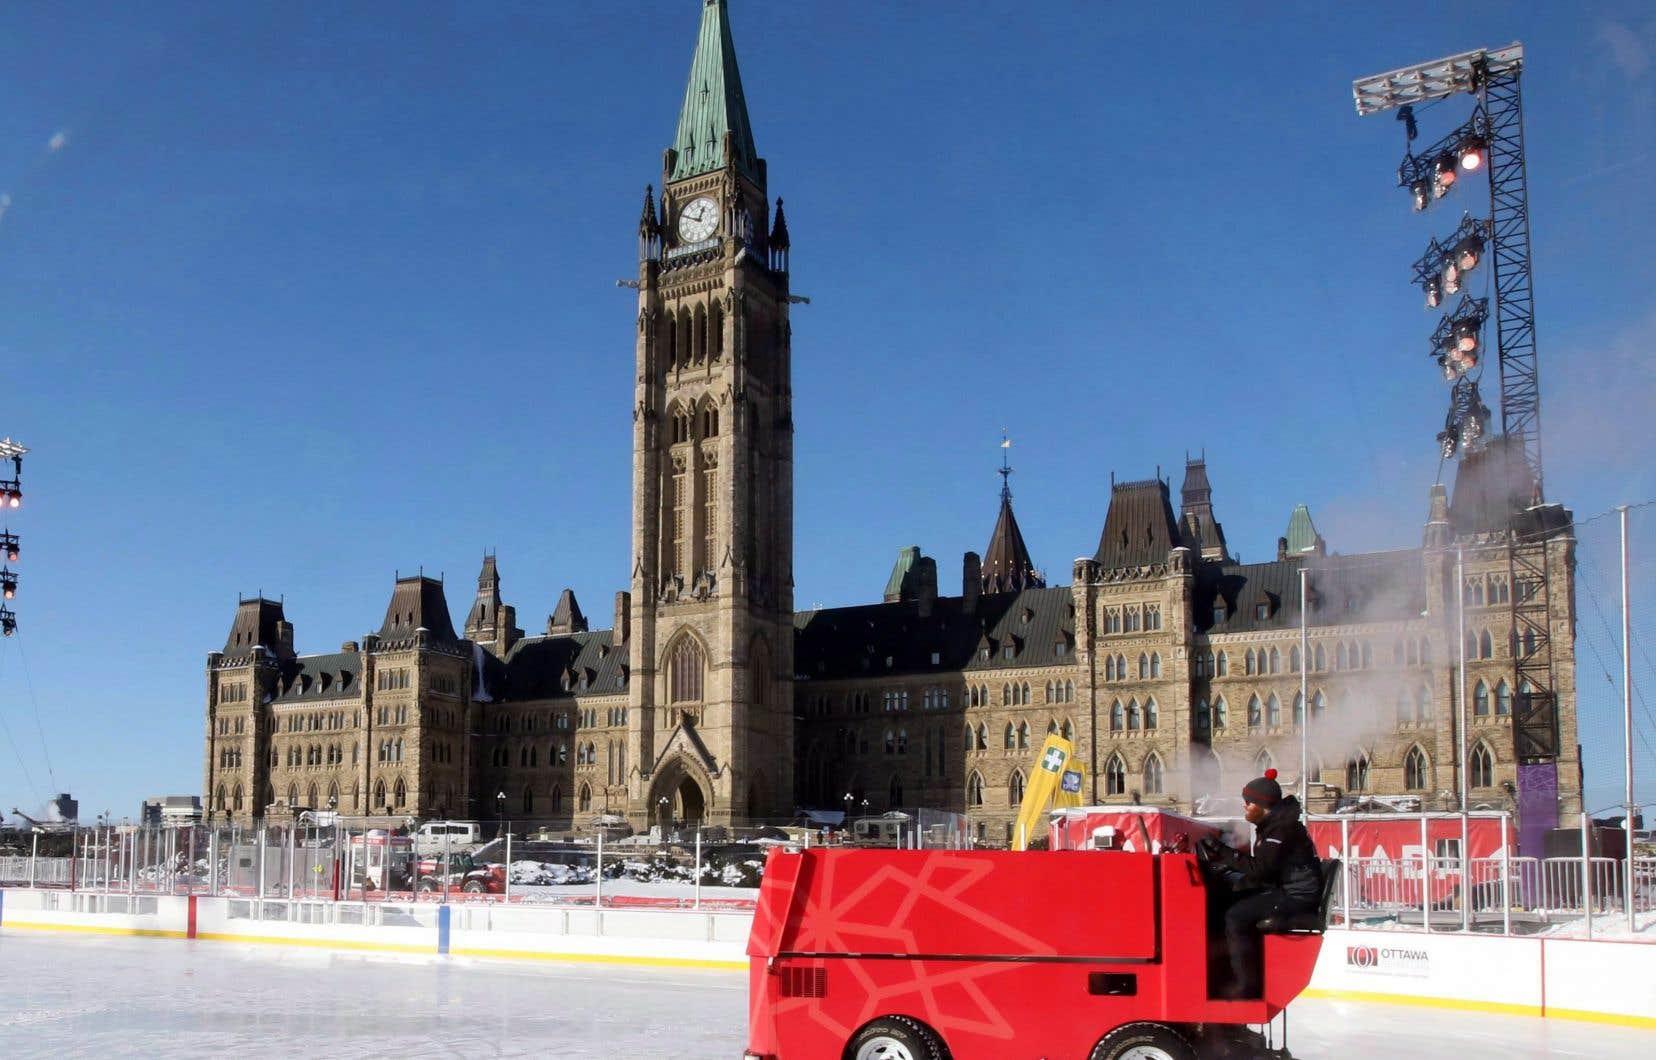 À Ottawa, où il faisait -19 degrés Celsius à la mi-journée vendredi, les autorités ont annoncé l'annulation d'une partie des festivités.